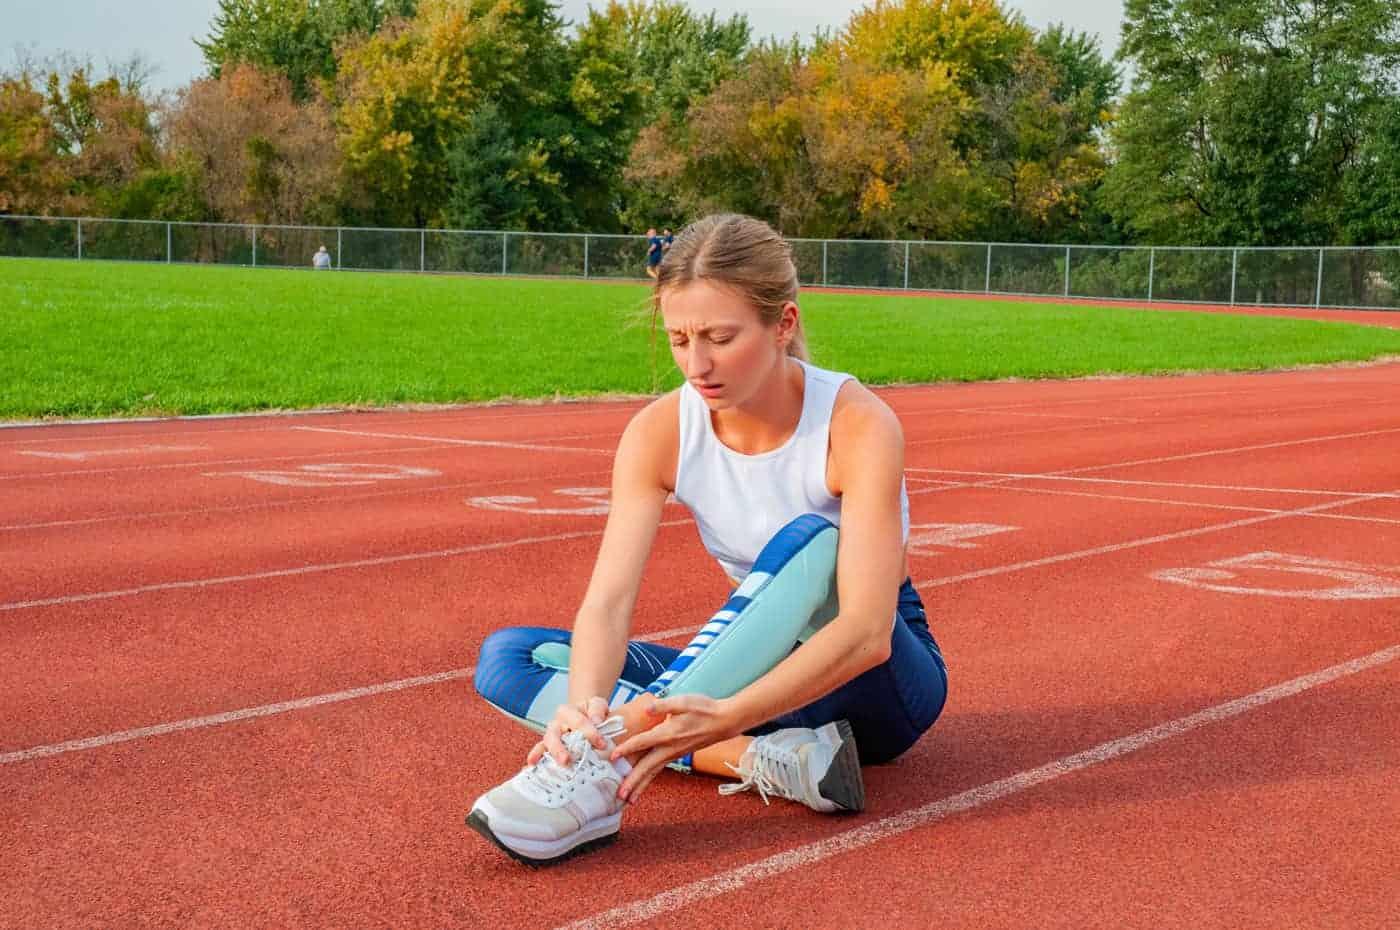 Sportunfallversicherung